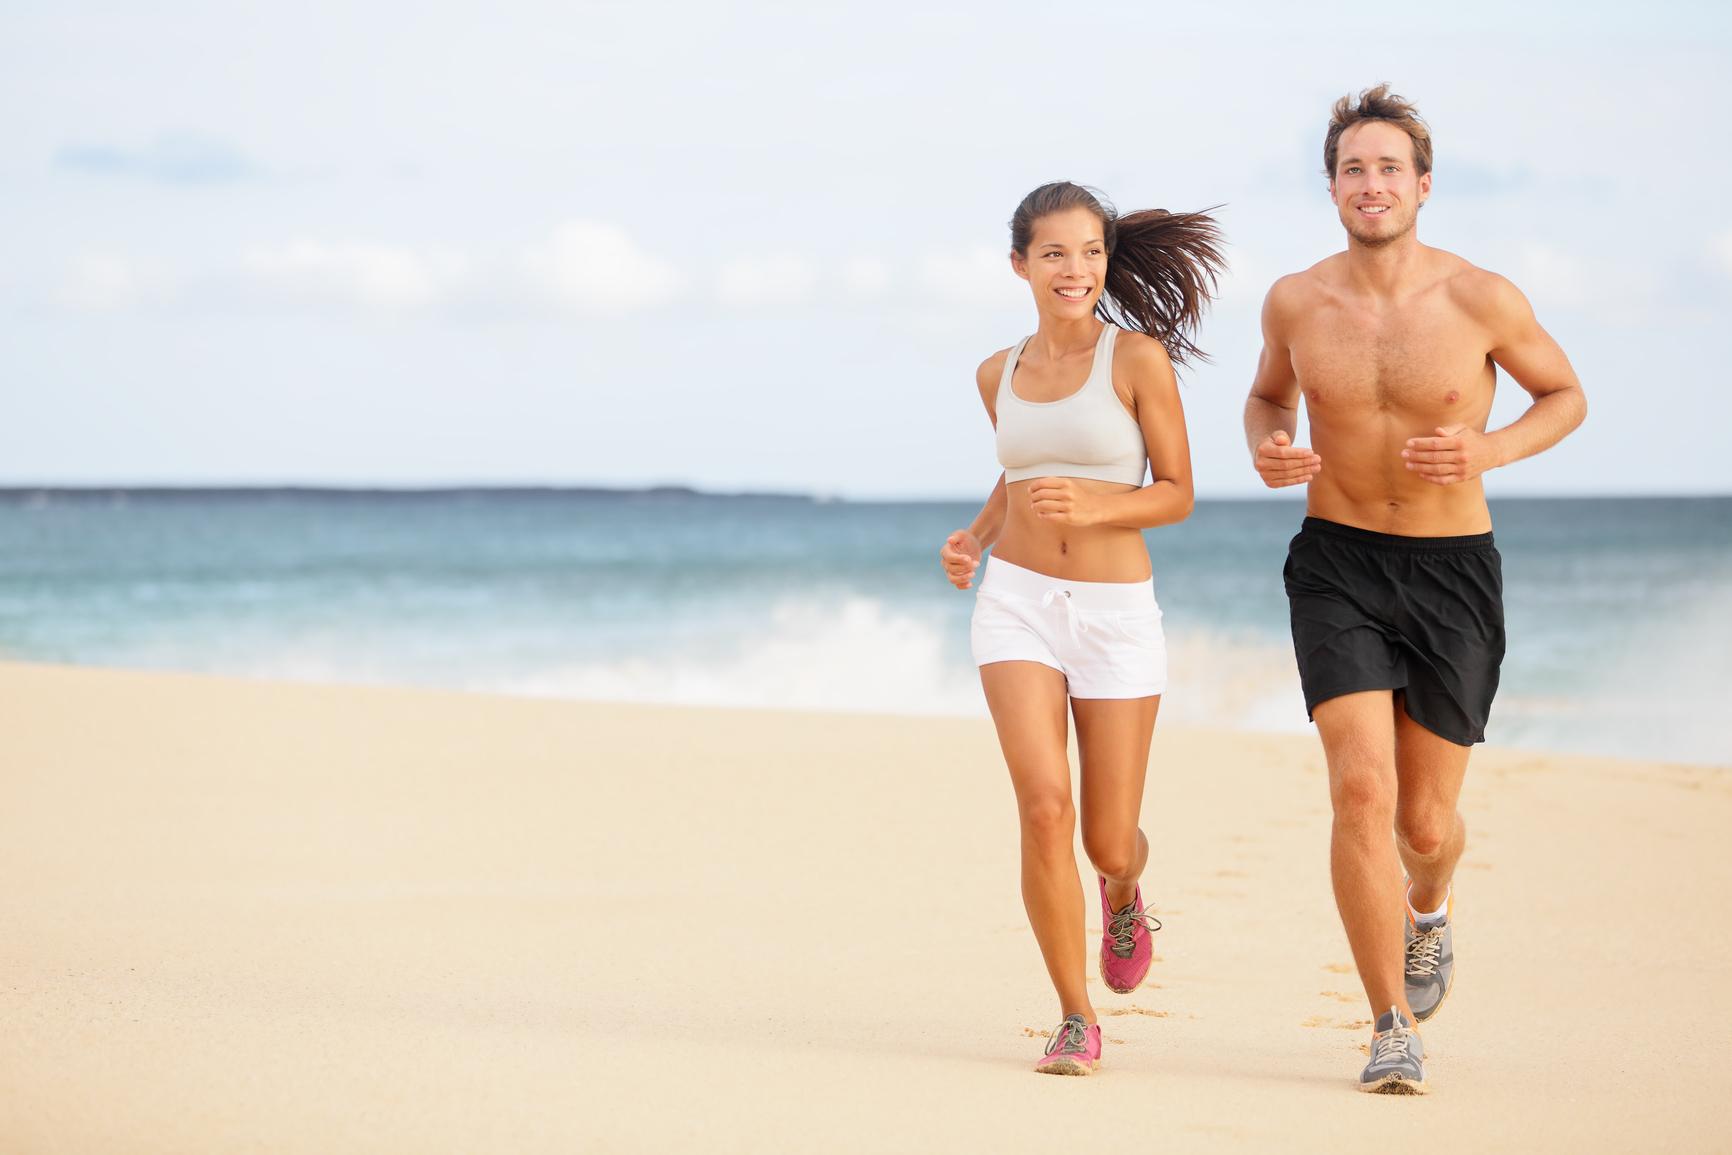 Фото упражнения азиаток занимаются на пляже 20 фотография